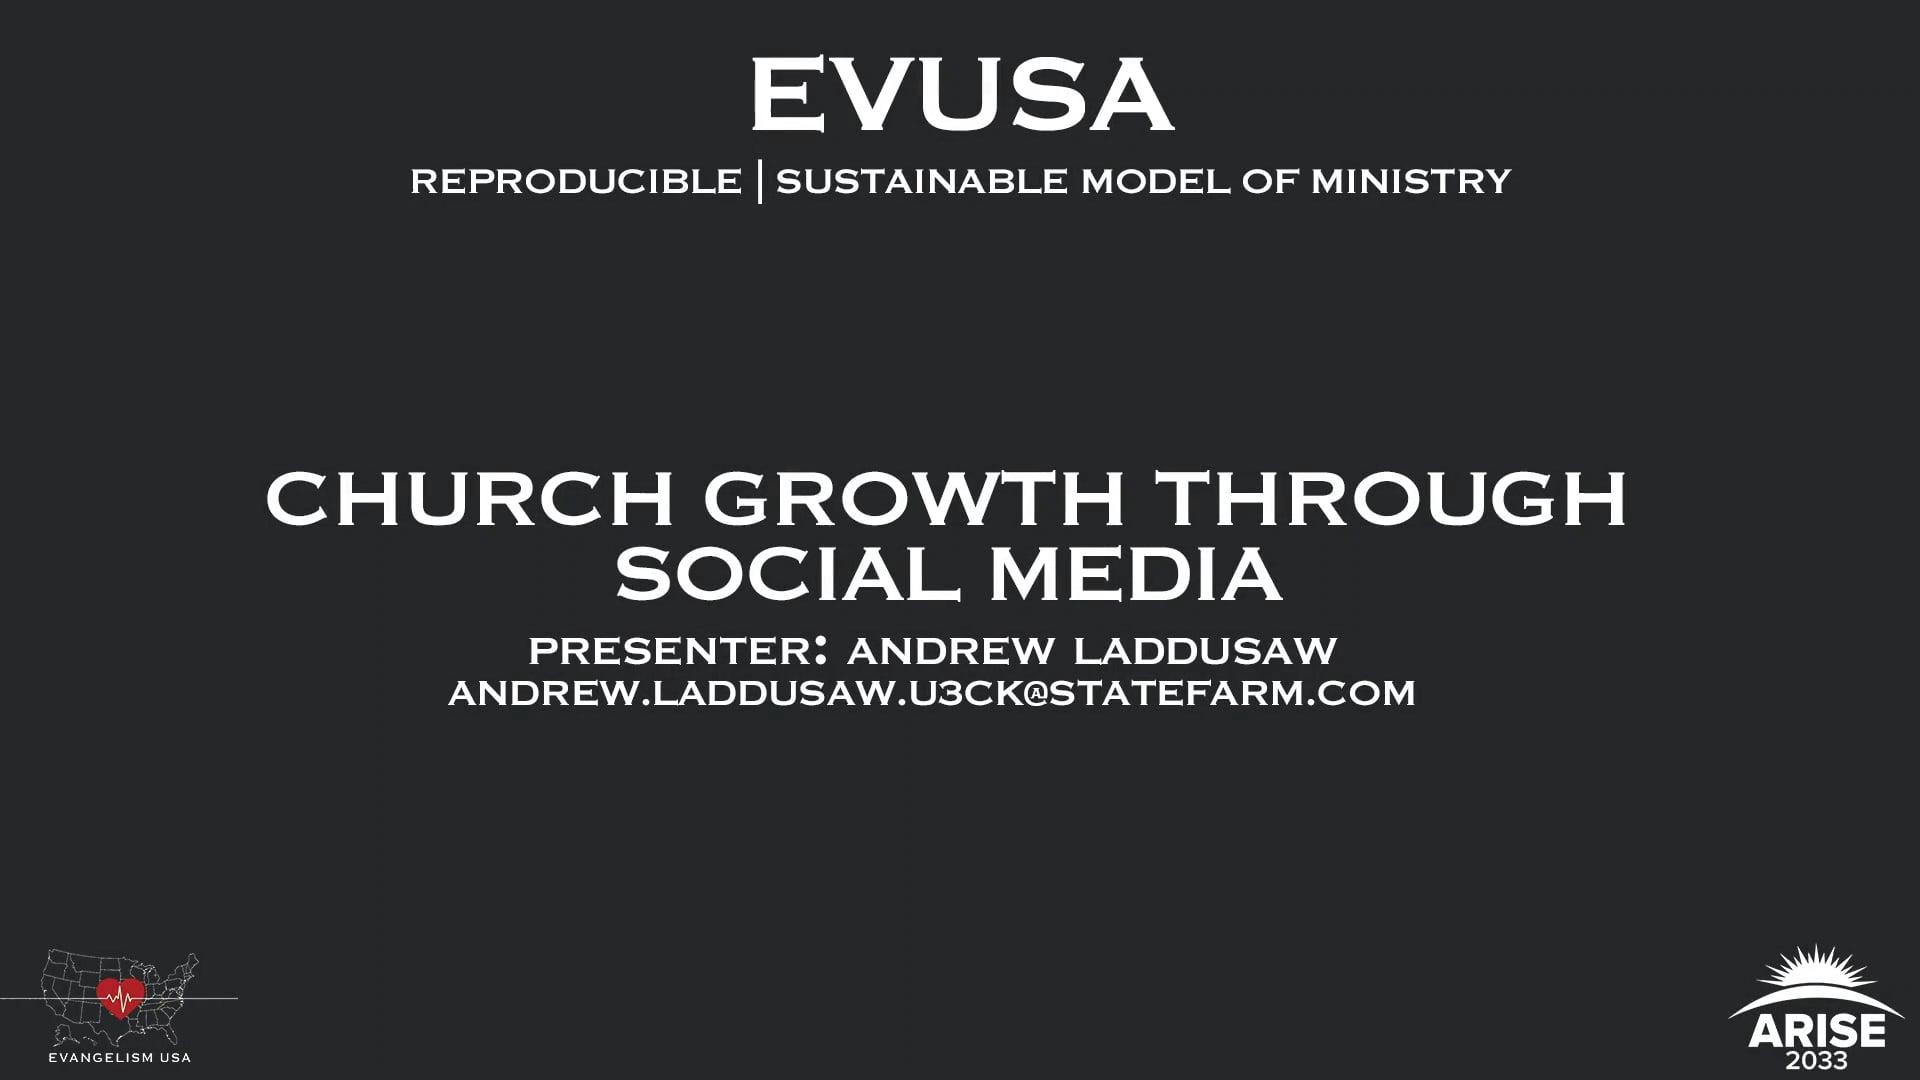 Church Growth Through Social Media